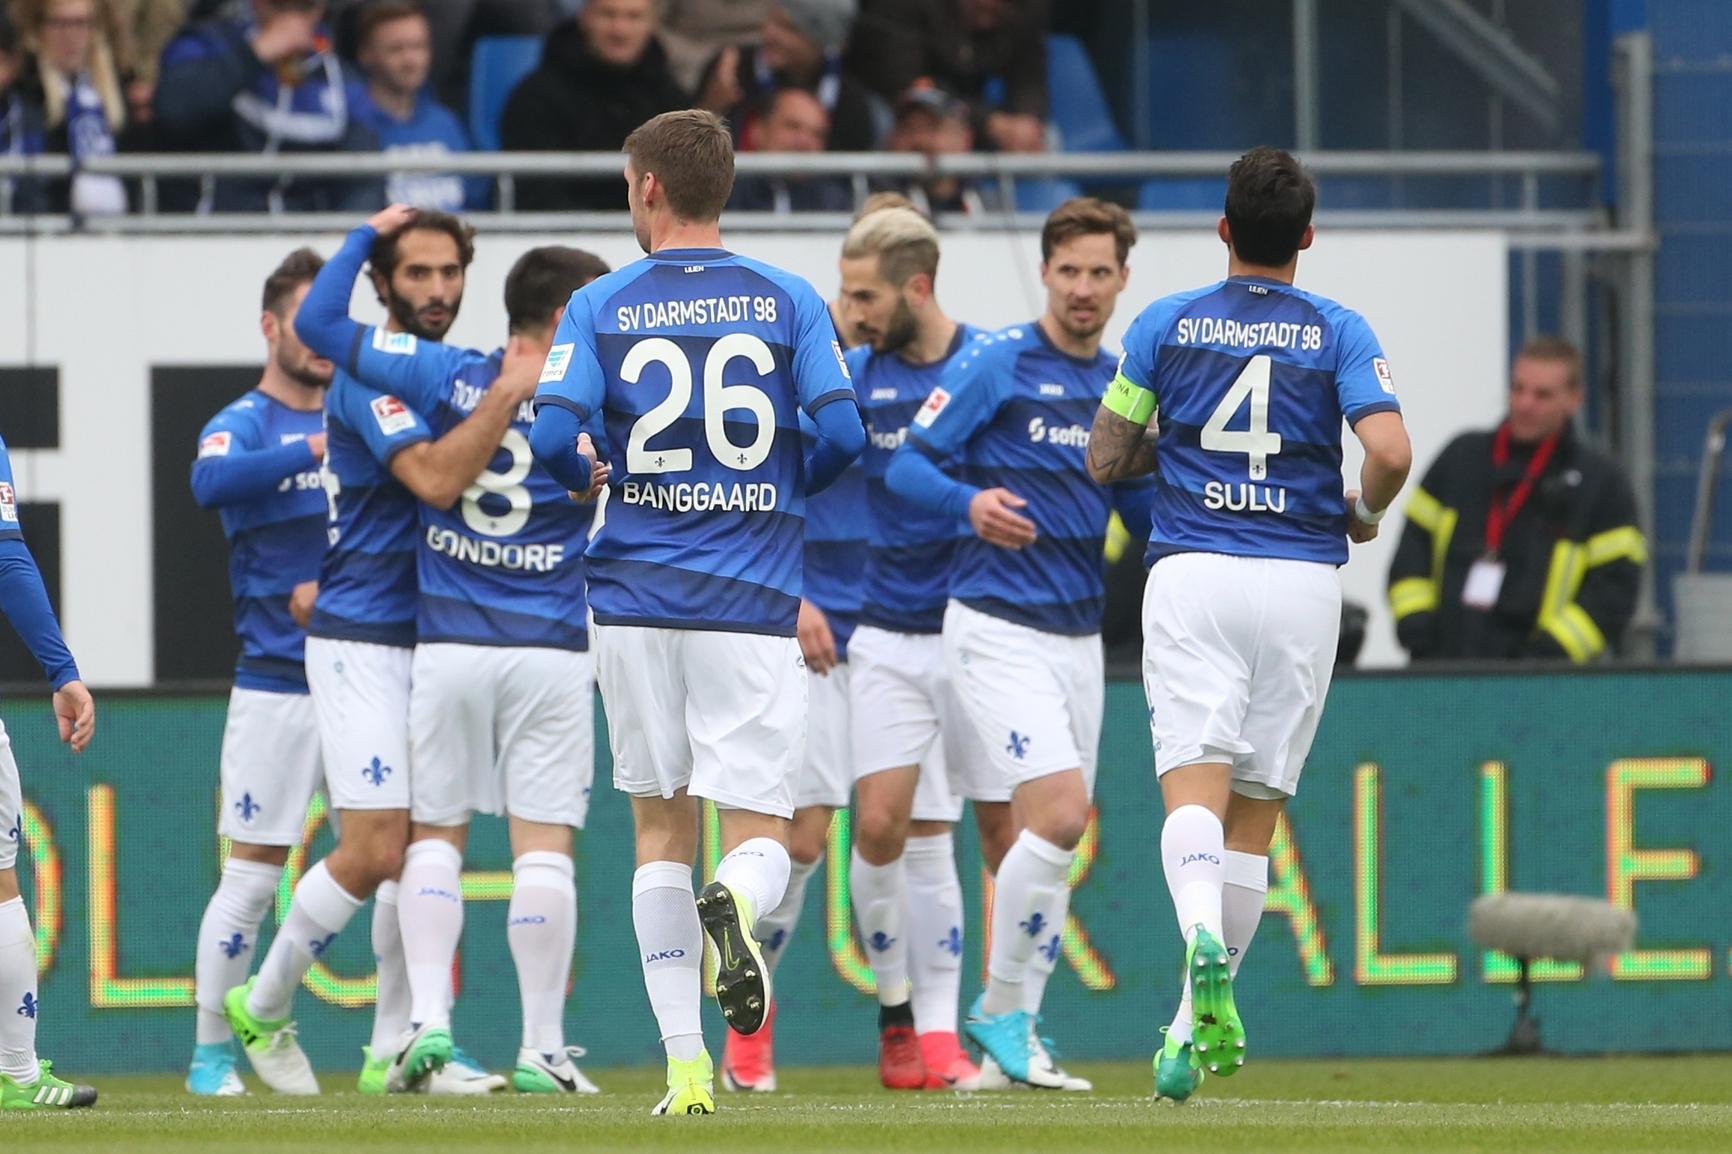 Abstiegskampf im Mittelpunkt : Gisdol will gewaltfreies Nordderby - Darmstadt